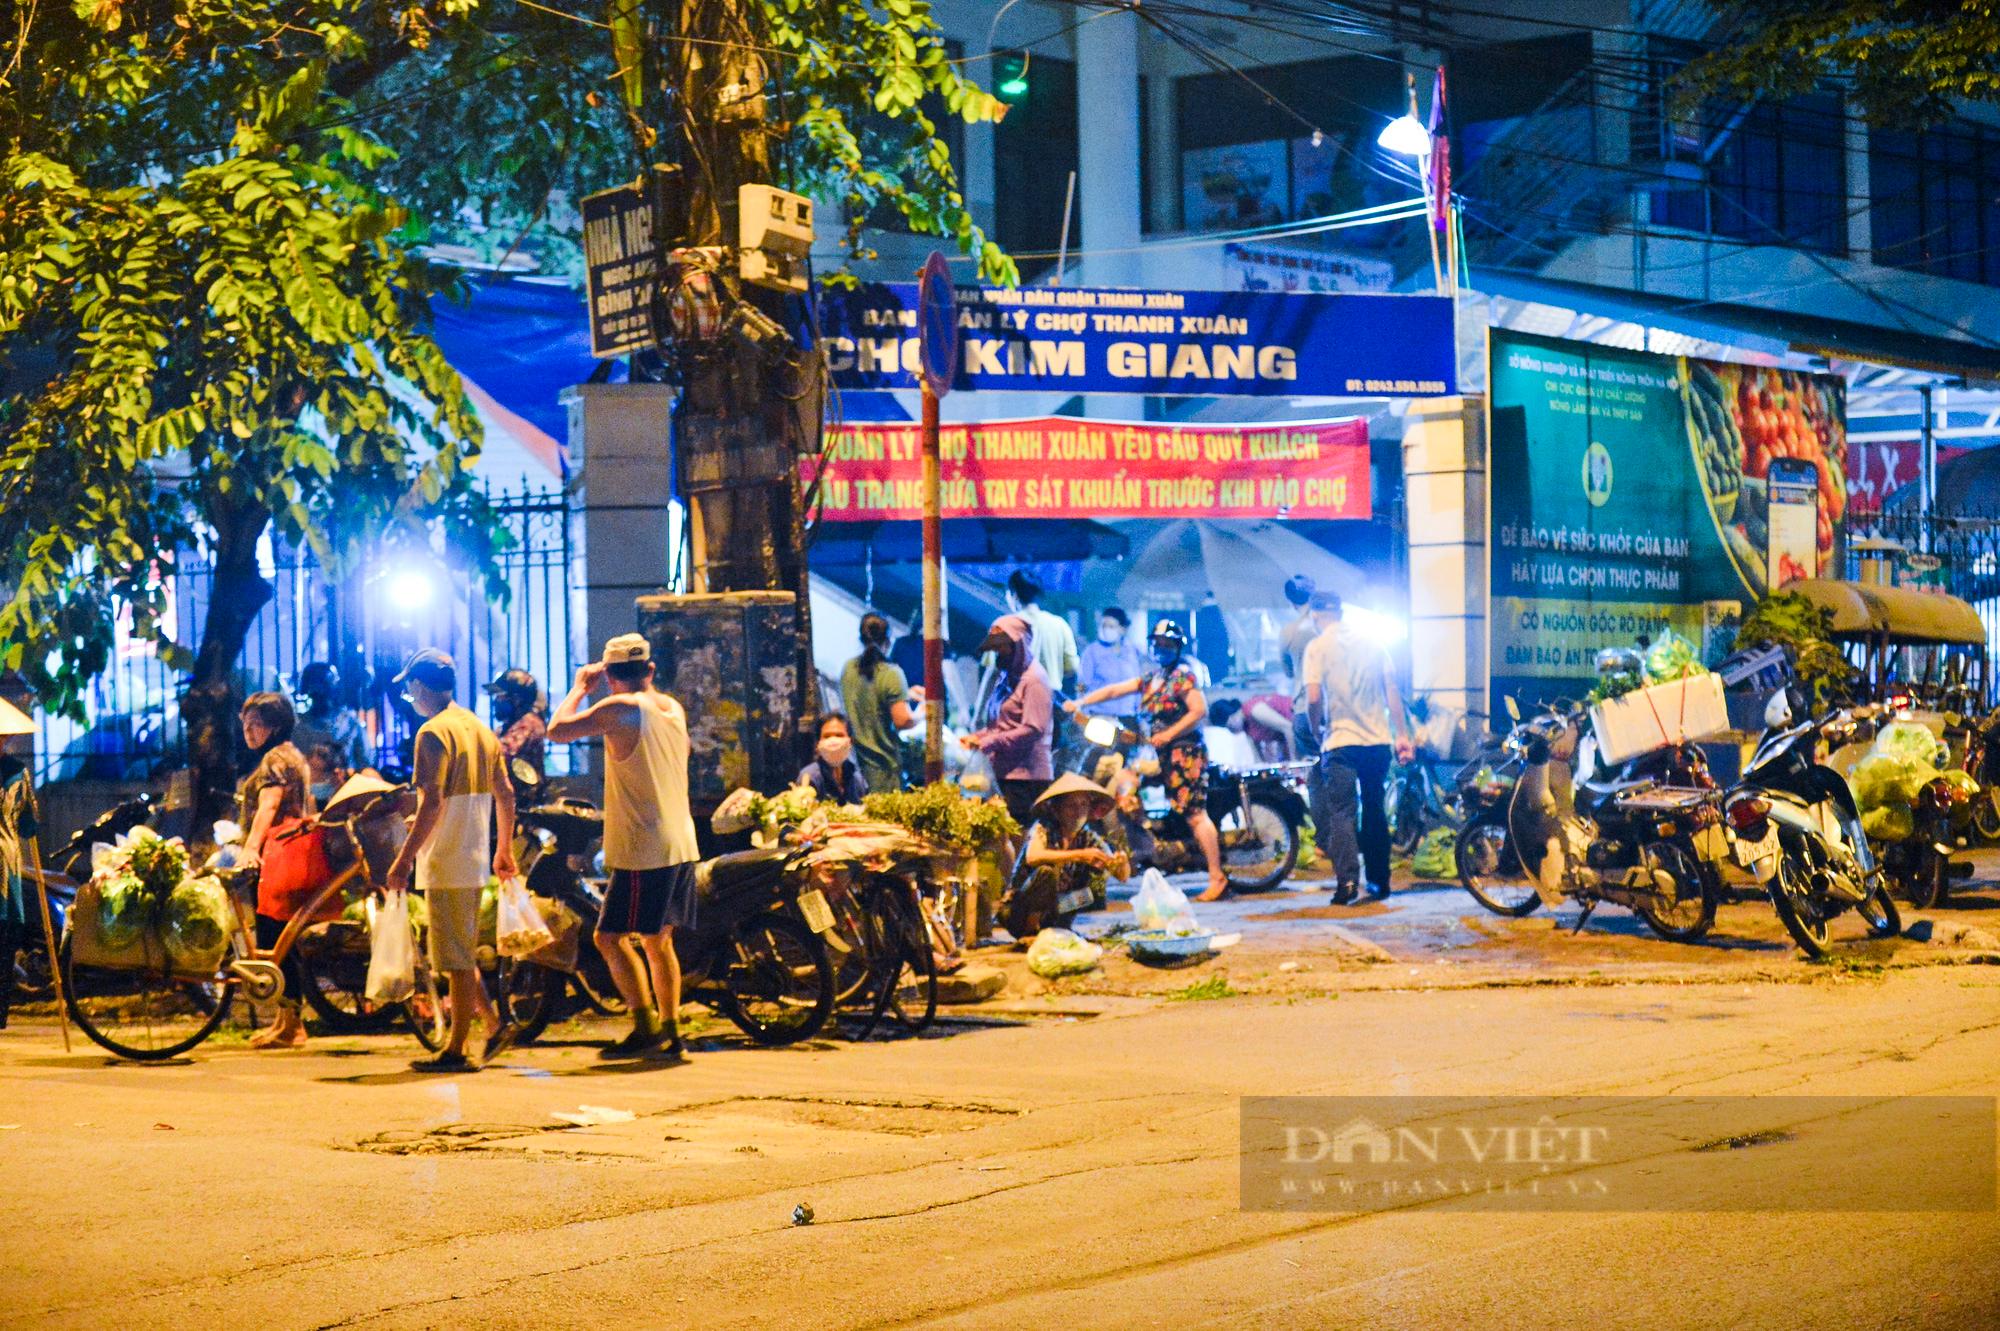 Chợ dân sinh ở Hà Nội đông đúc ngày đầu nới lỏng giãn cách - Ảnh 2.